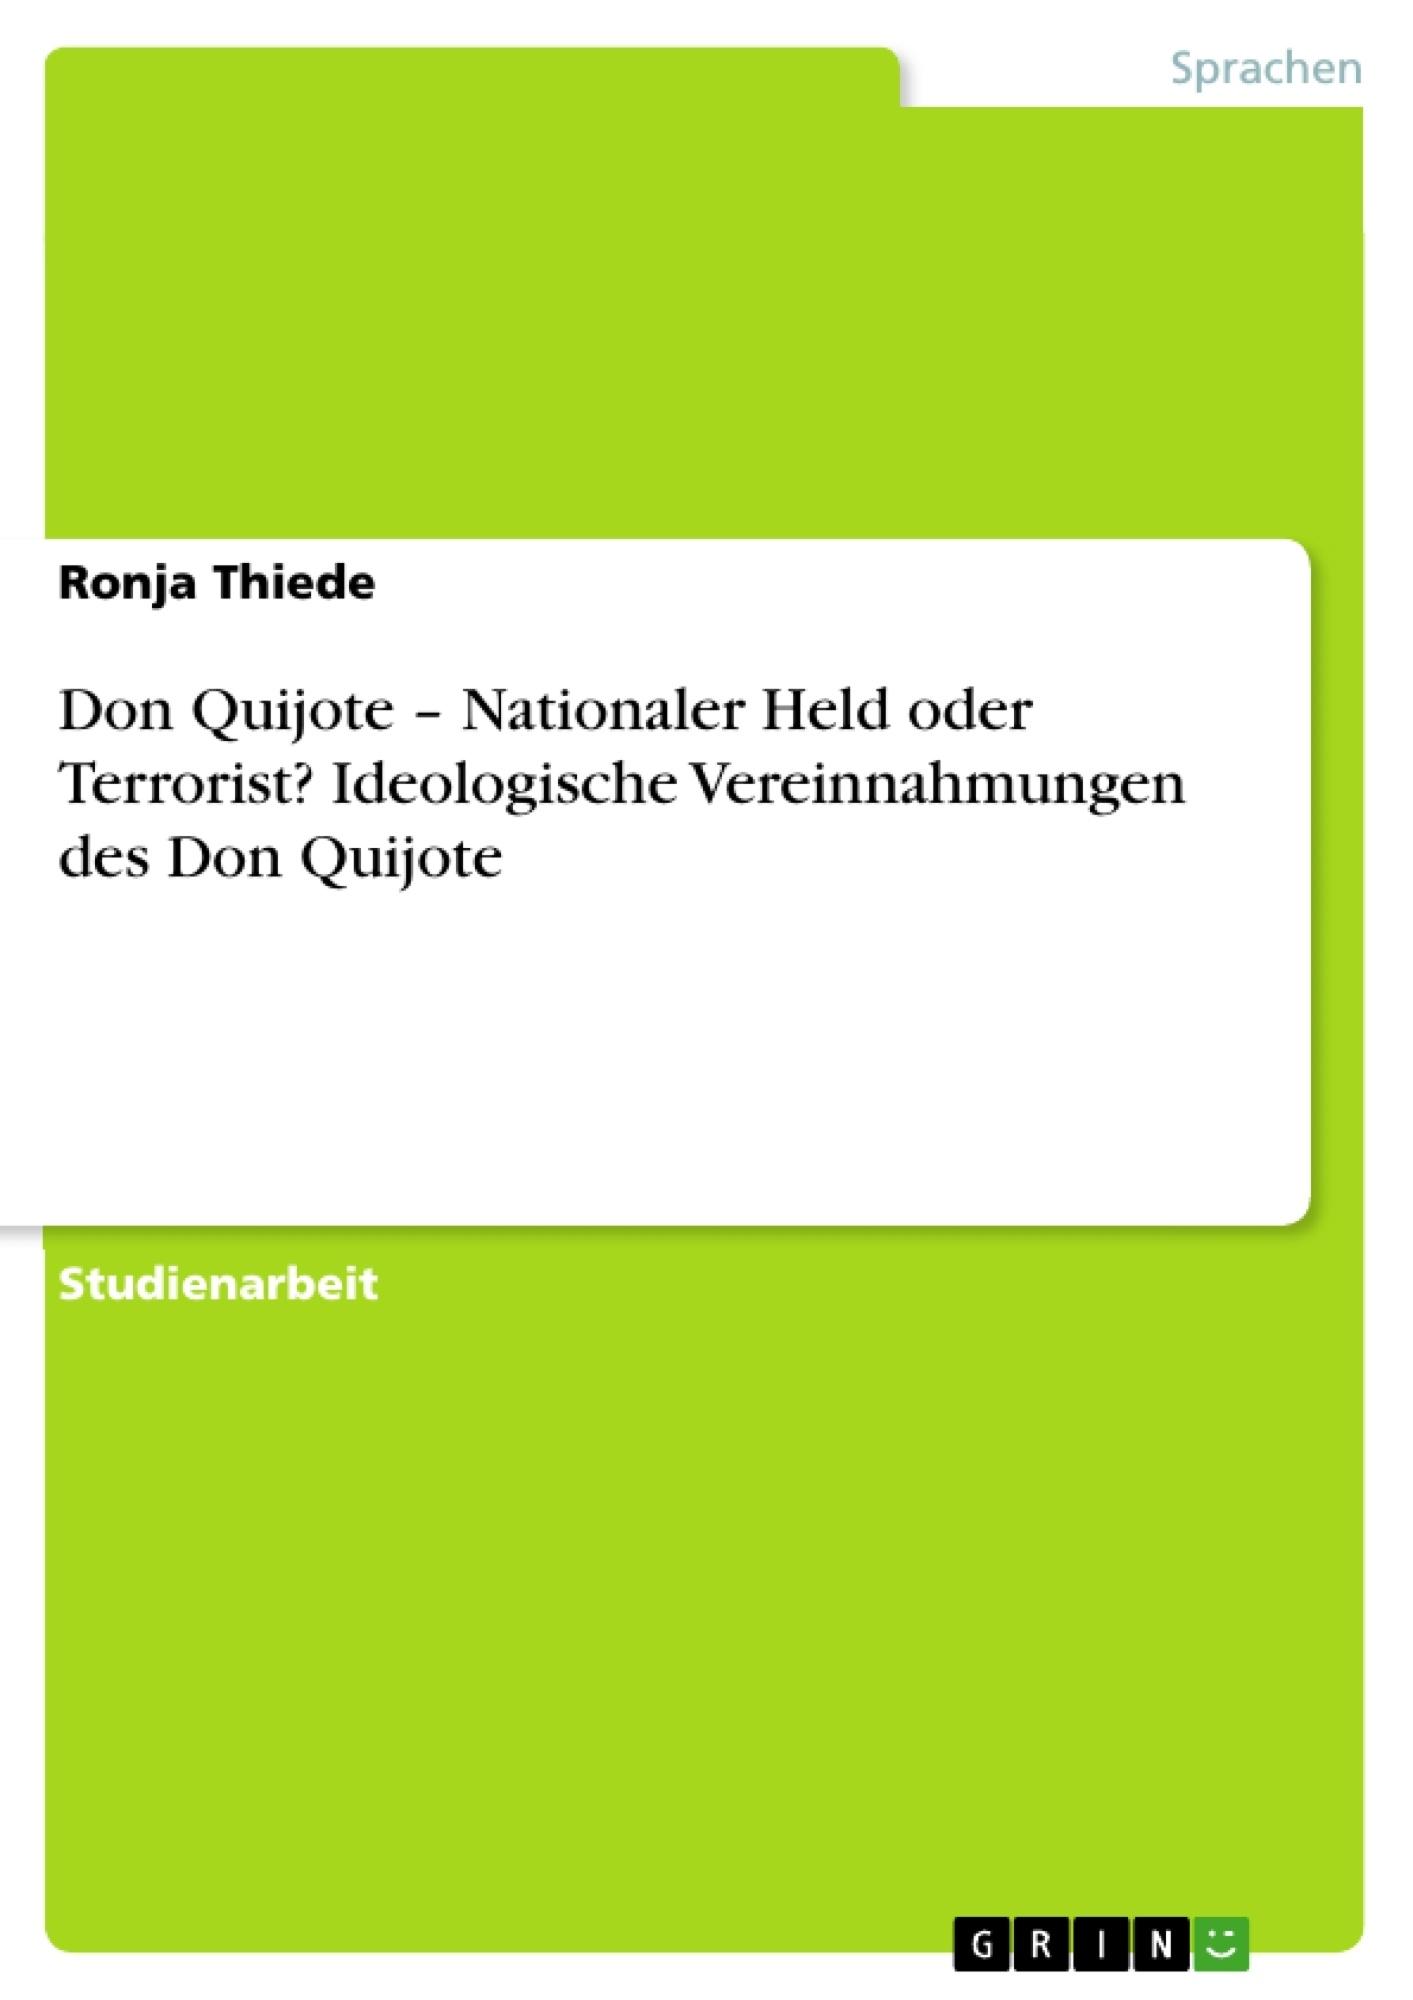 Titel: Don Quijote – Nationaler Held oder Terrorist? Ideologische Vereinnahmungen des Don Quijote